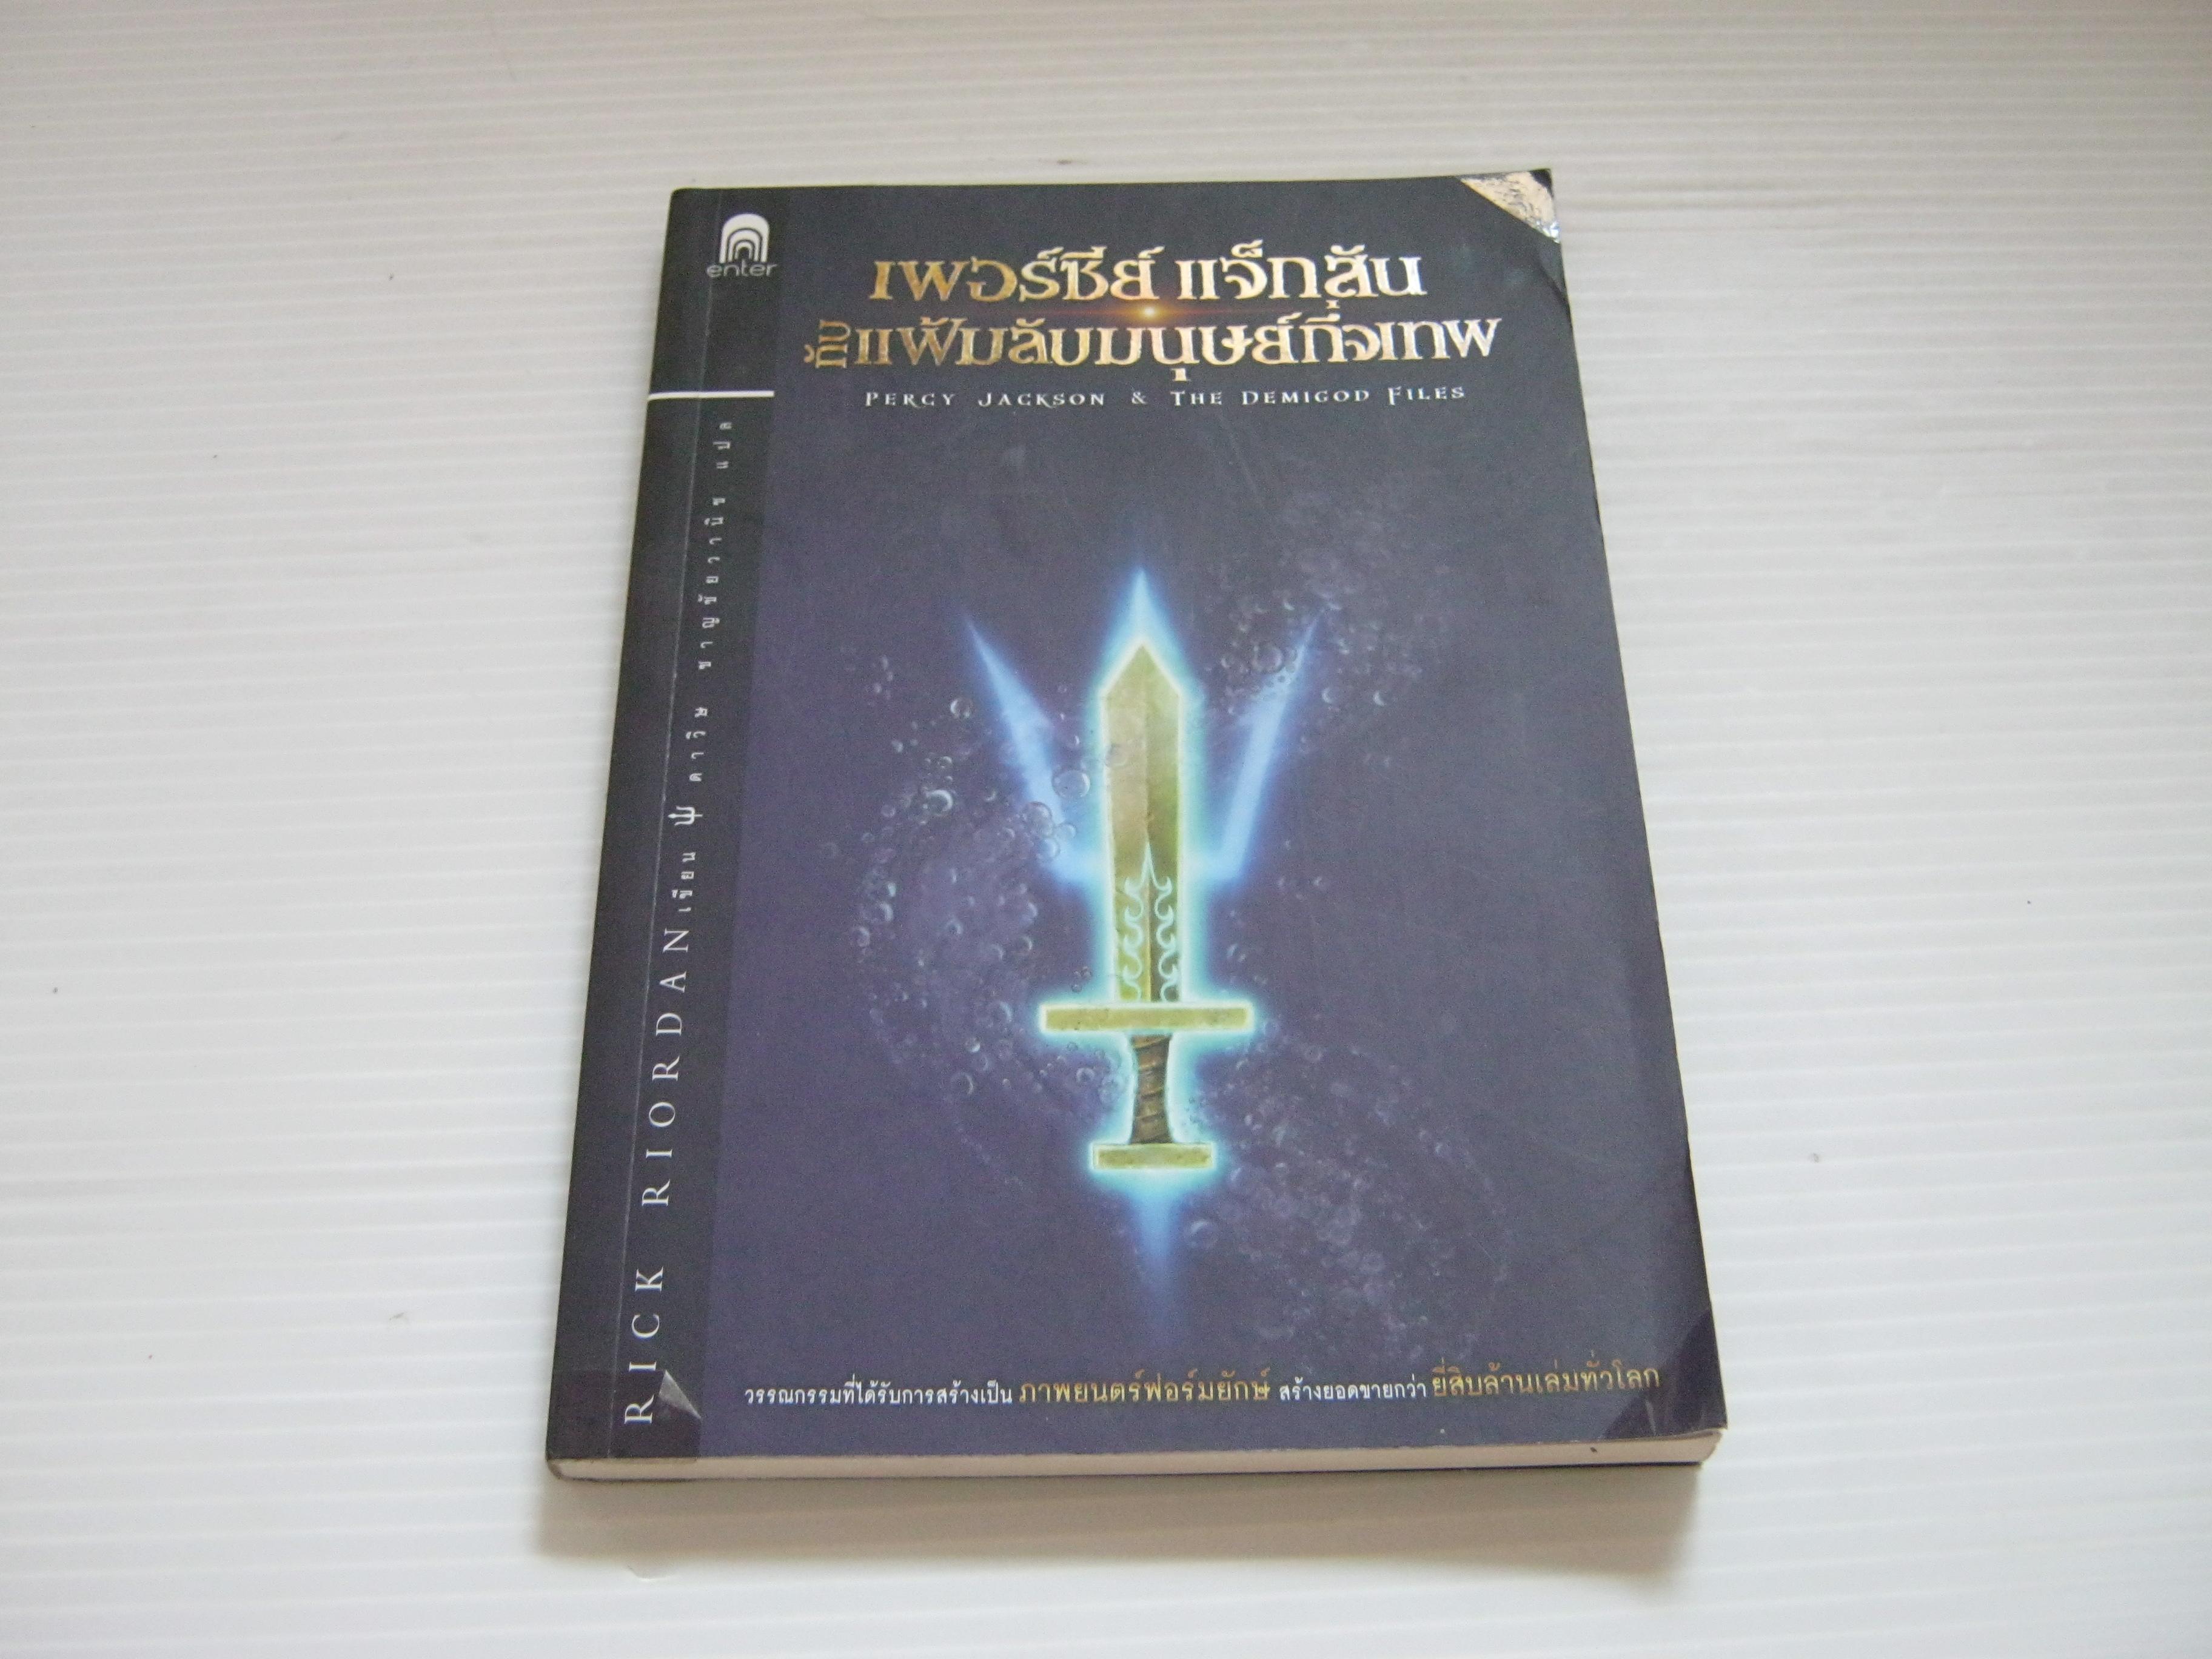 เพอร์ซีย์ แจ็กสัน กับแฟ้มลับมนุษย์กึ่งเทพ (Percy Jackson & The Demigod Files) พิมพ์ครั้งที่ 2 Rick Riordan เขียน ดาวิษ ชาญชัยวานิช แปล